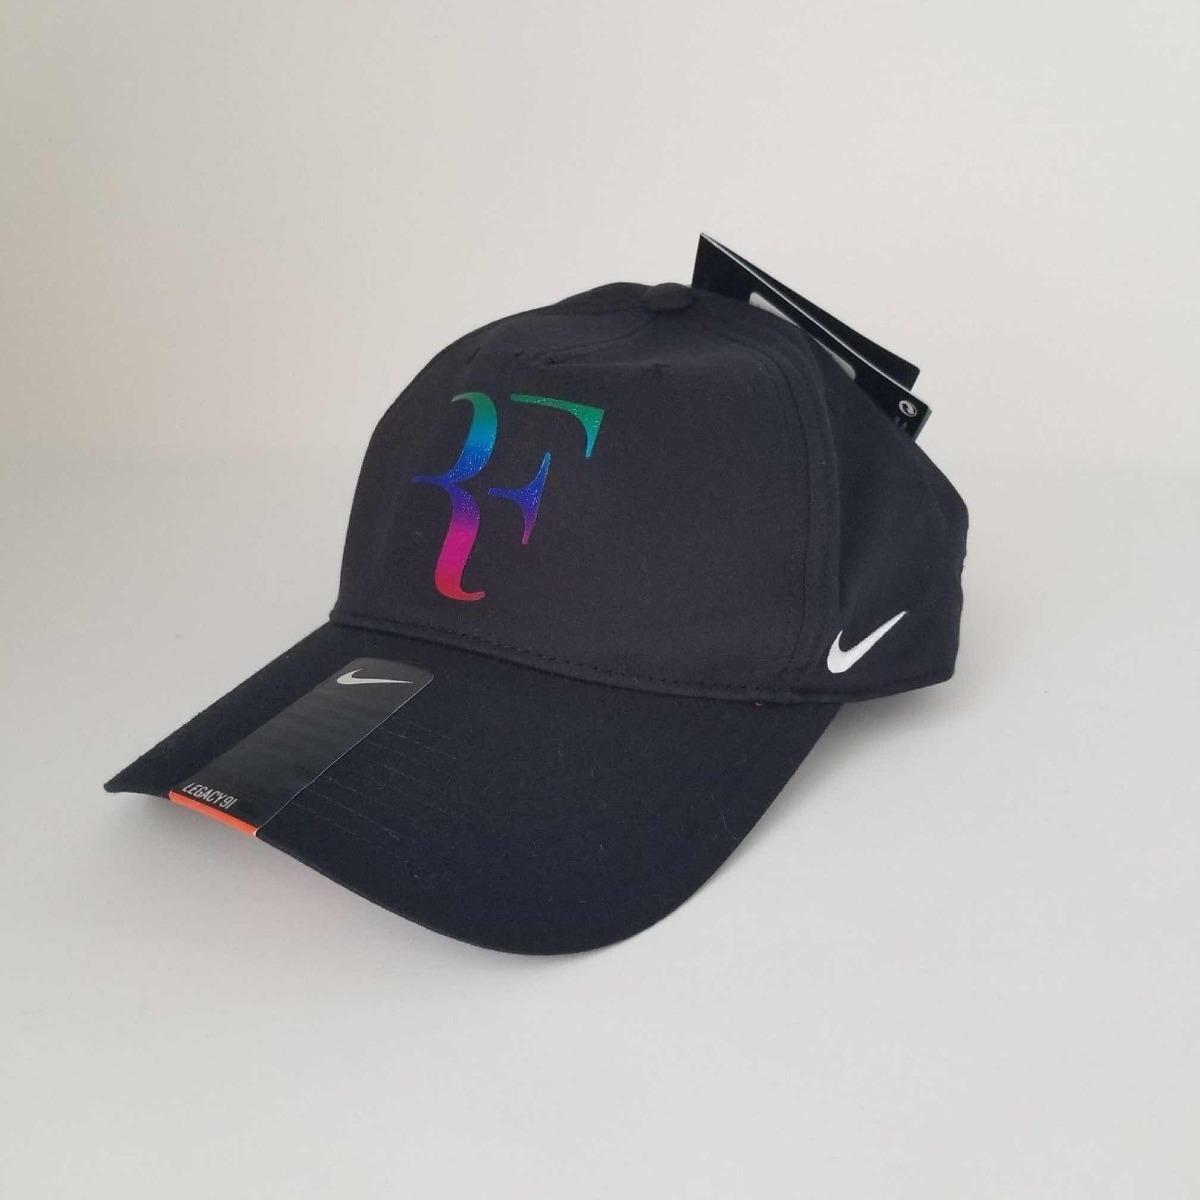 6b87192848d5 Gorra Nike Roger Federer - Ultimos Modelos